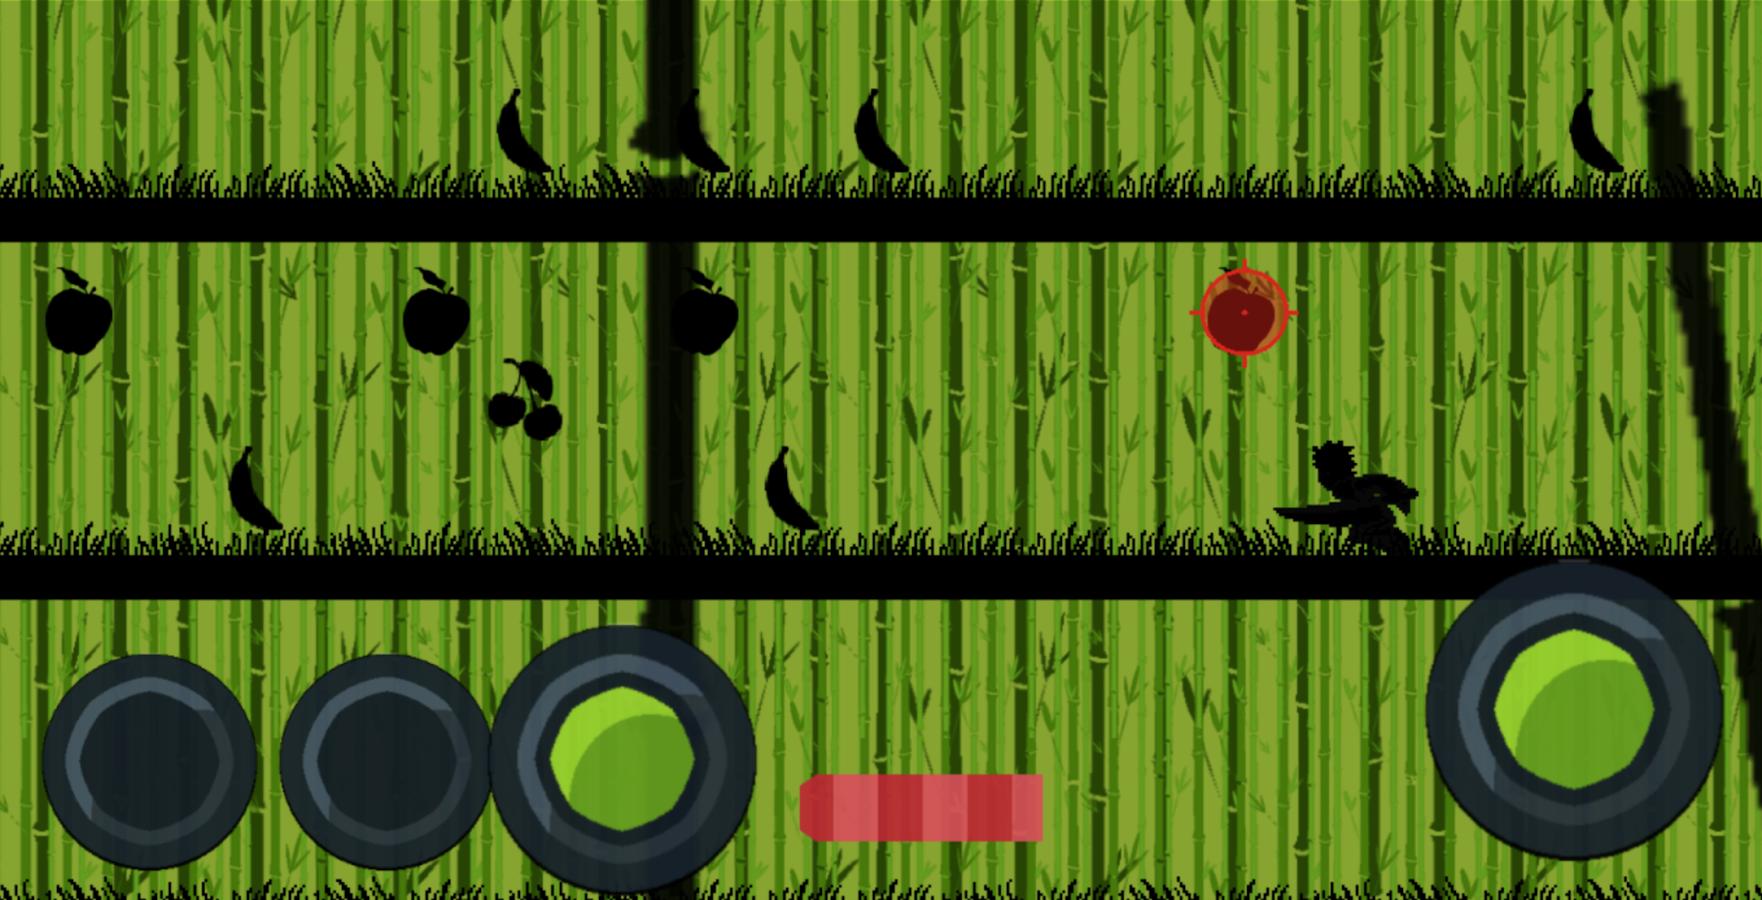 Ninja fruit cut - Ninja Fruit Run Endless Runner Screenshot